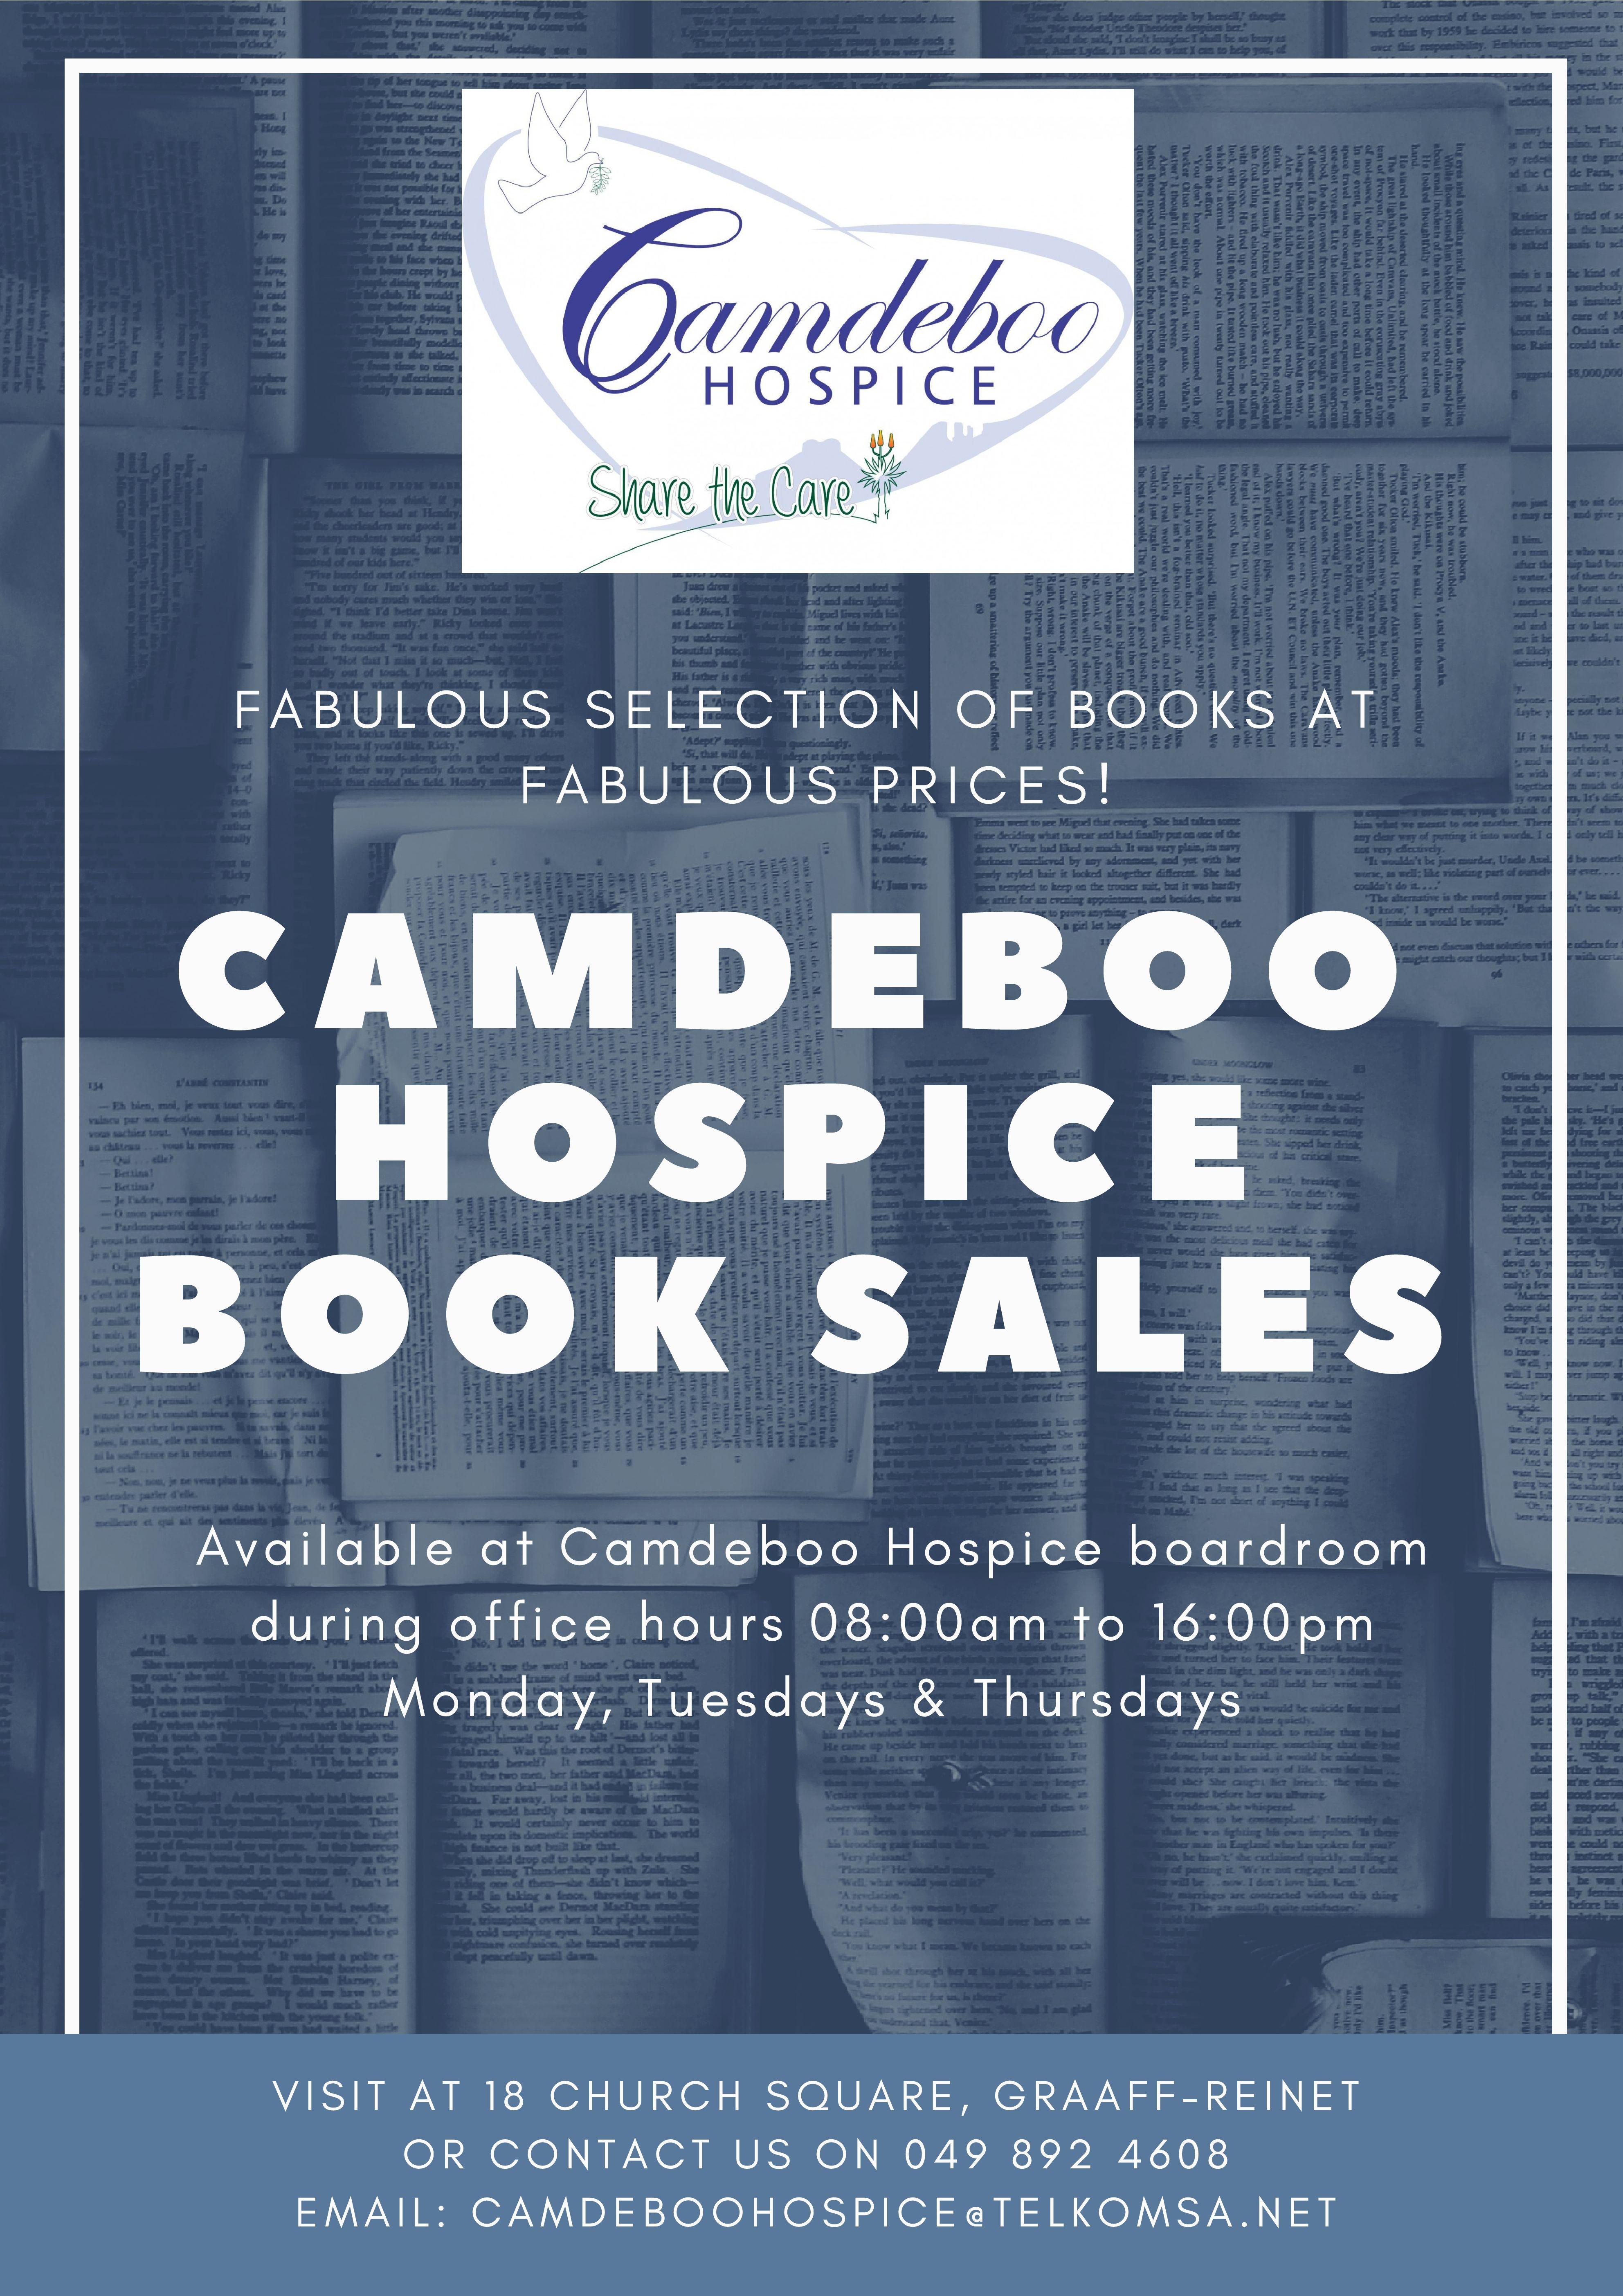 Camdeboo hospice book sales